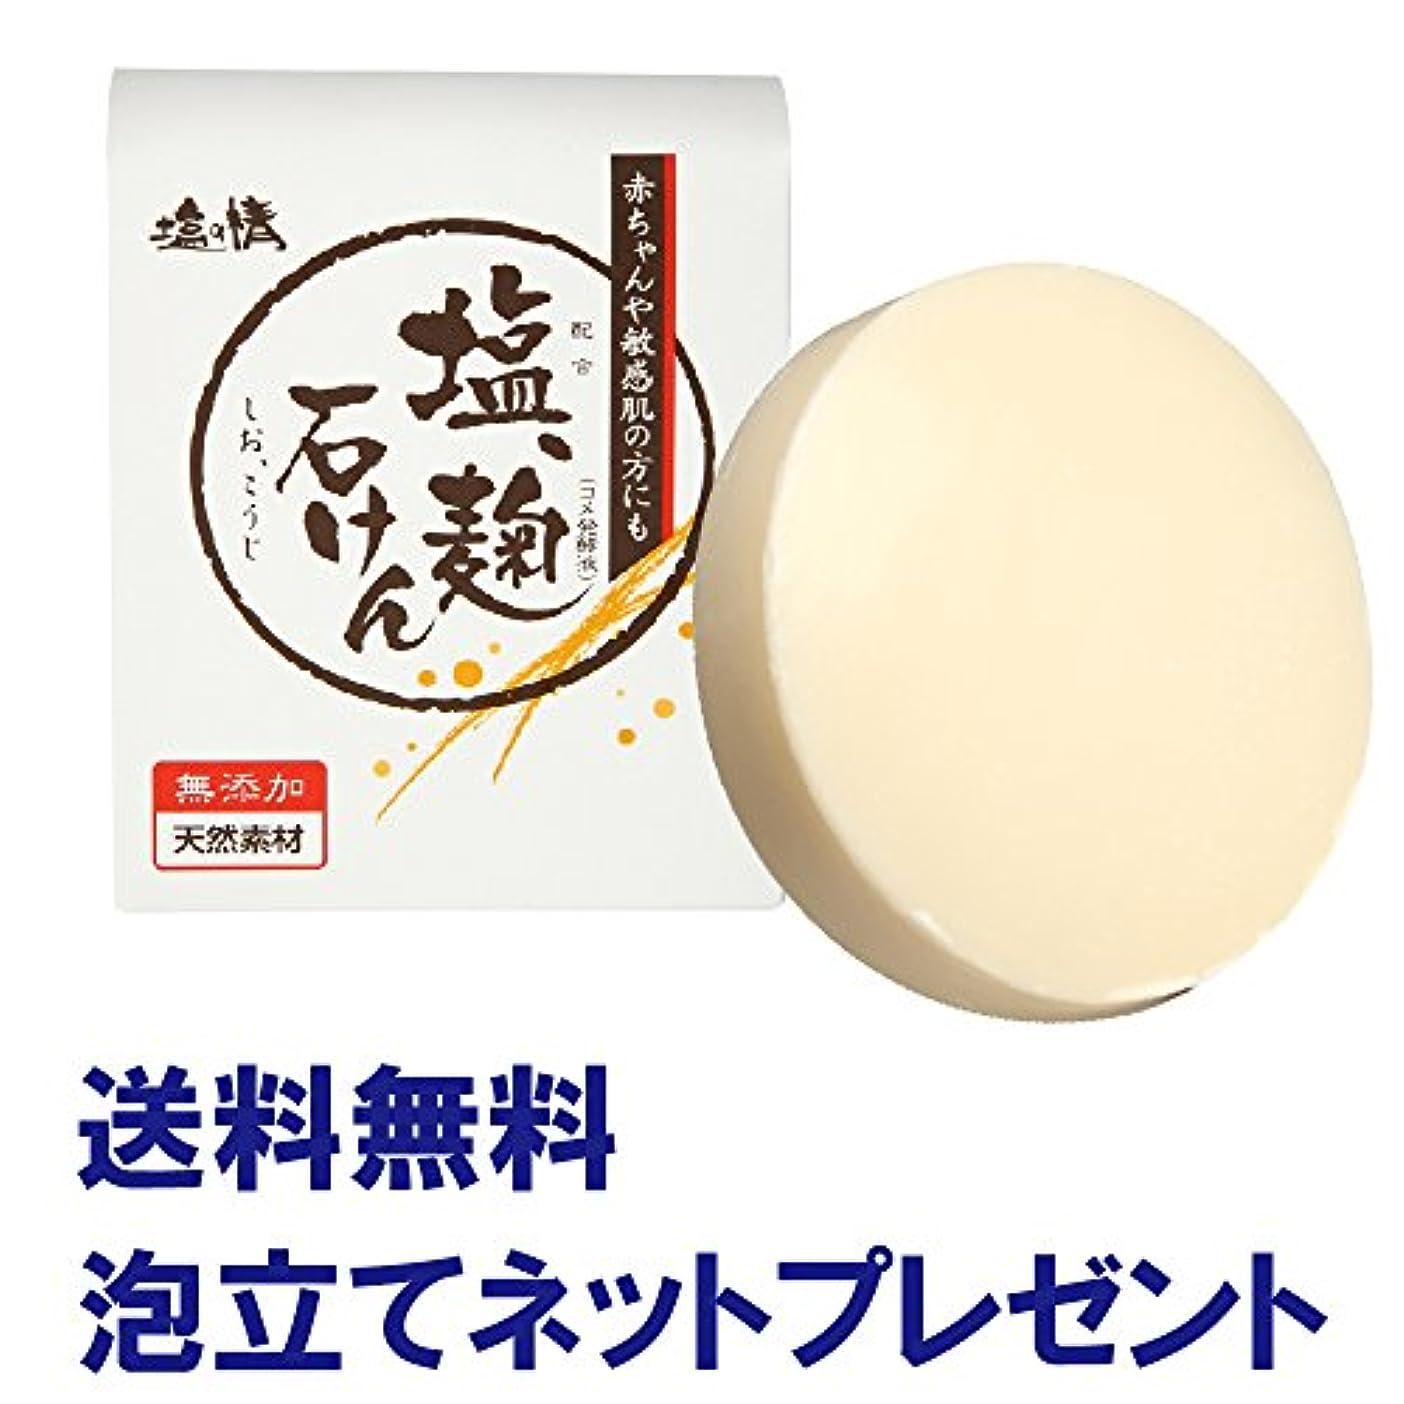 ダイム 塩の精 無添加 塩、麹洗顔石鹸 80g 泡立てネットプレゼント